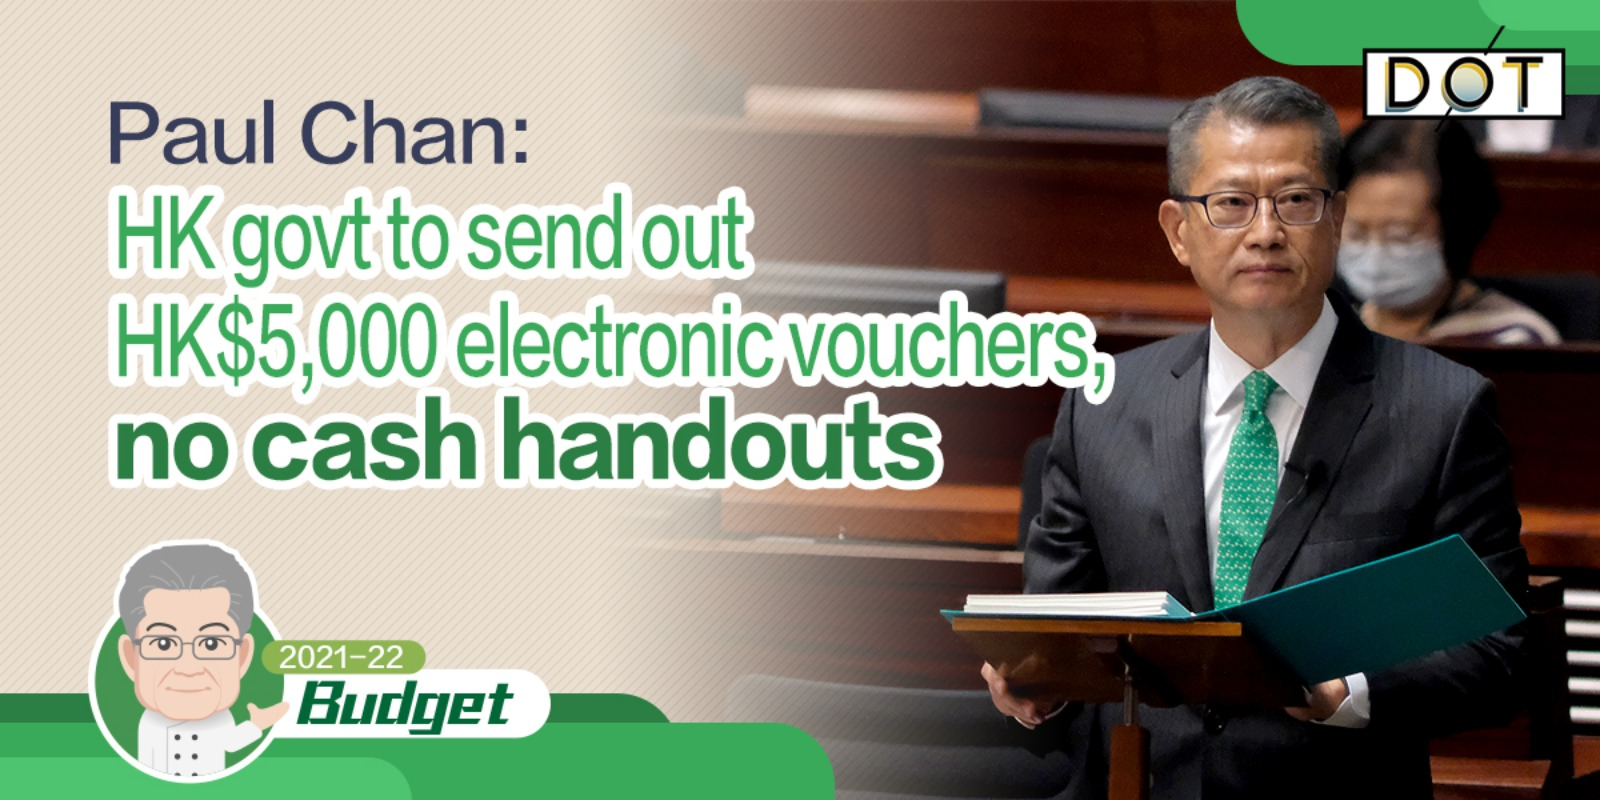 Budget | HK govt to send out HK$5,000 electronic vouchers, no cash handouts